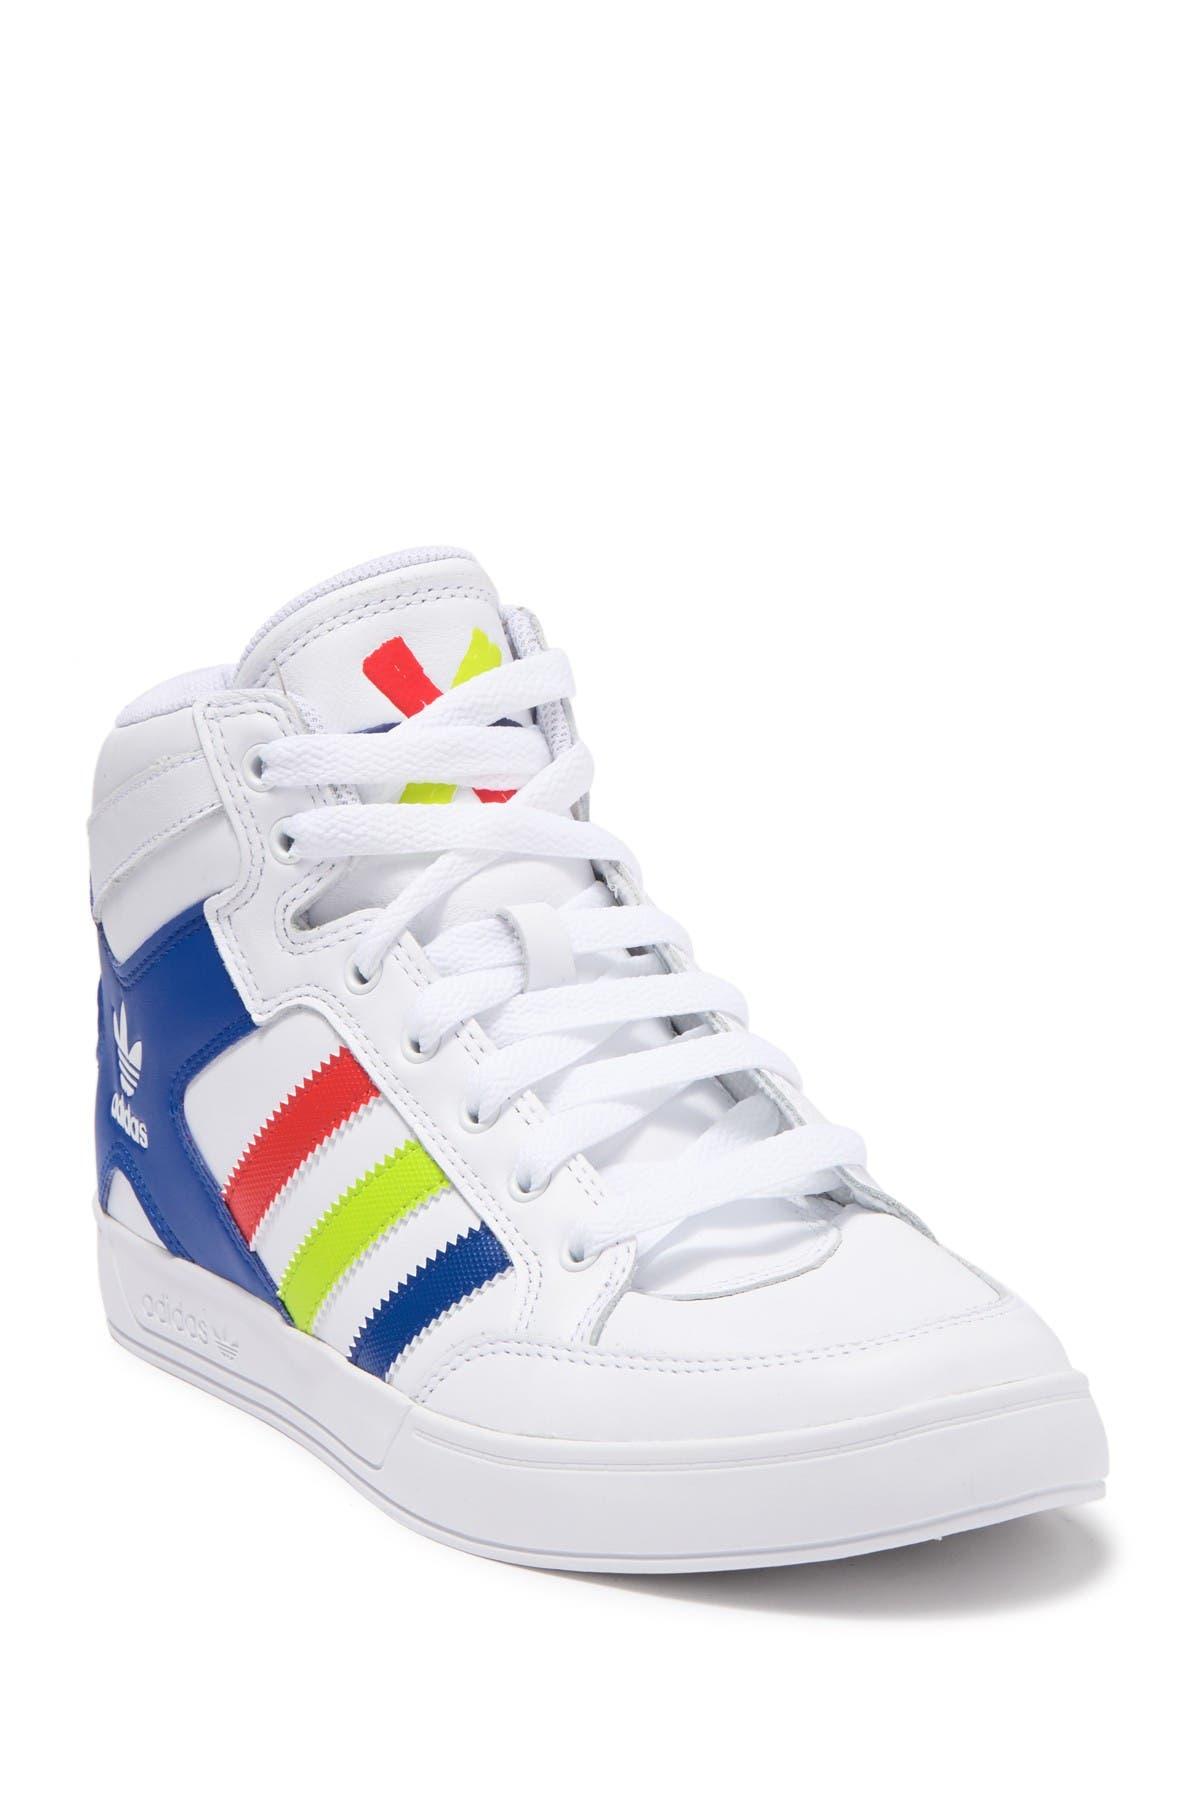 adidas | Hard Court High-Top Sneaker